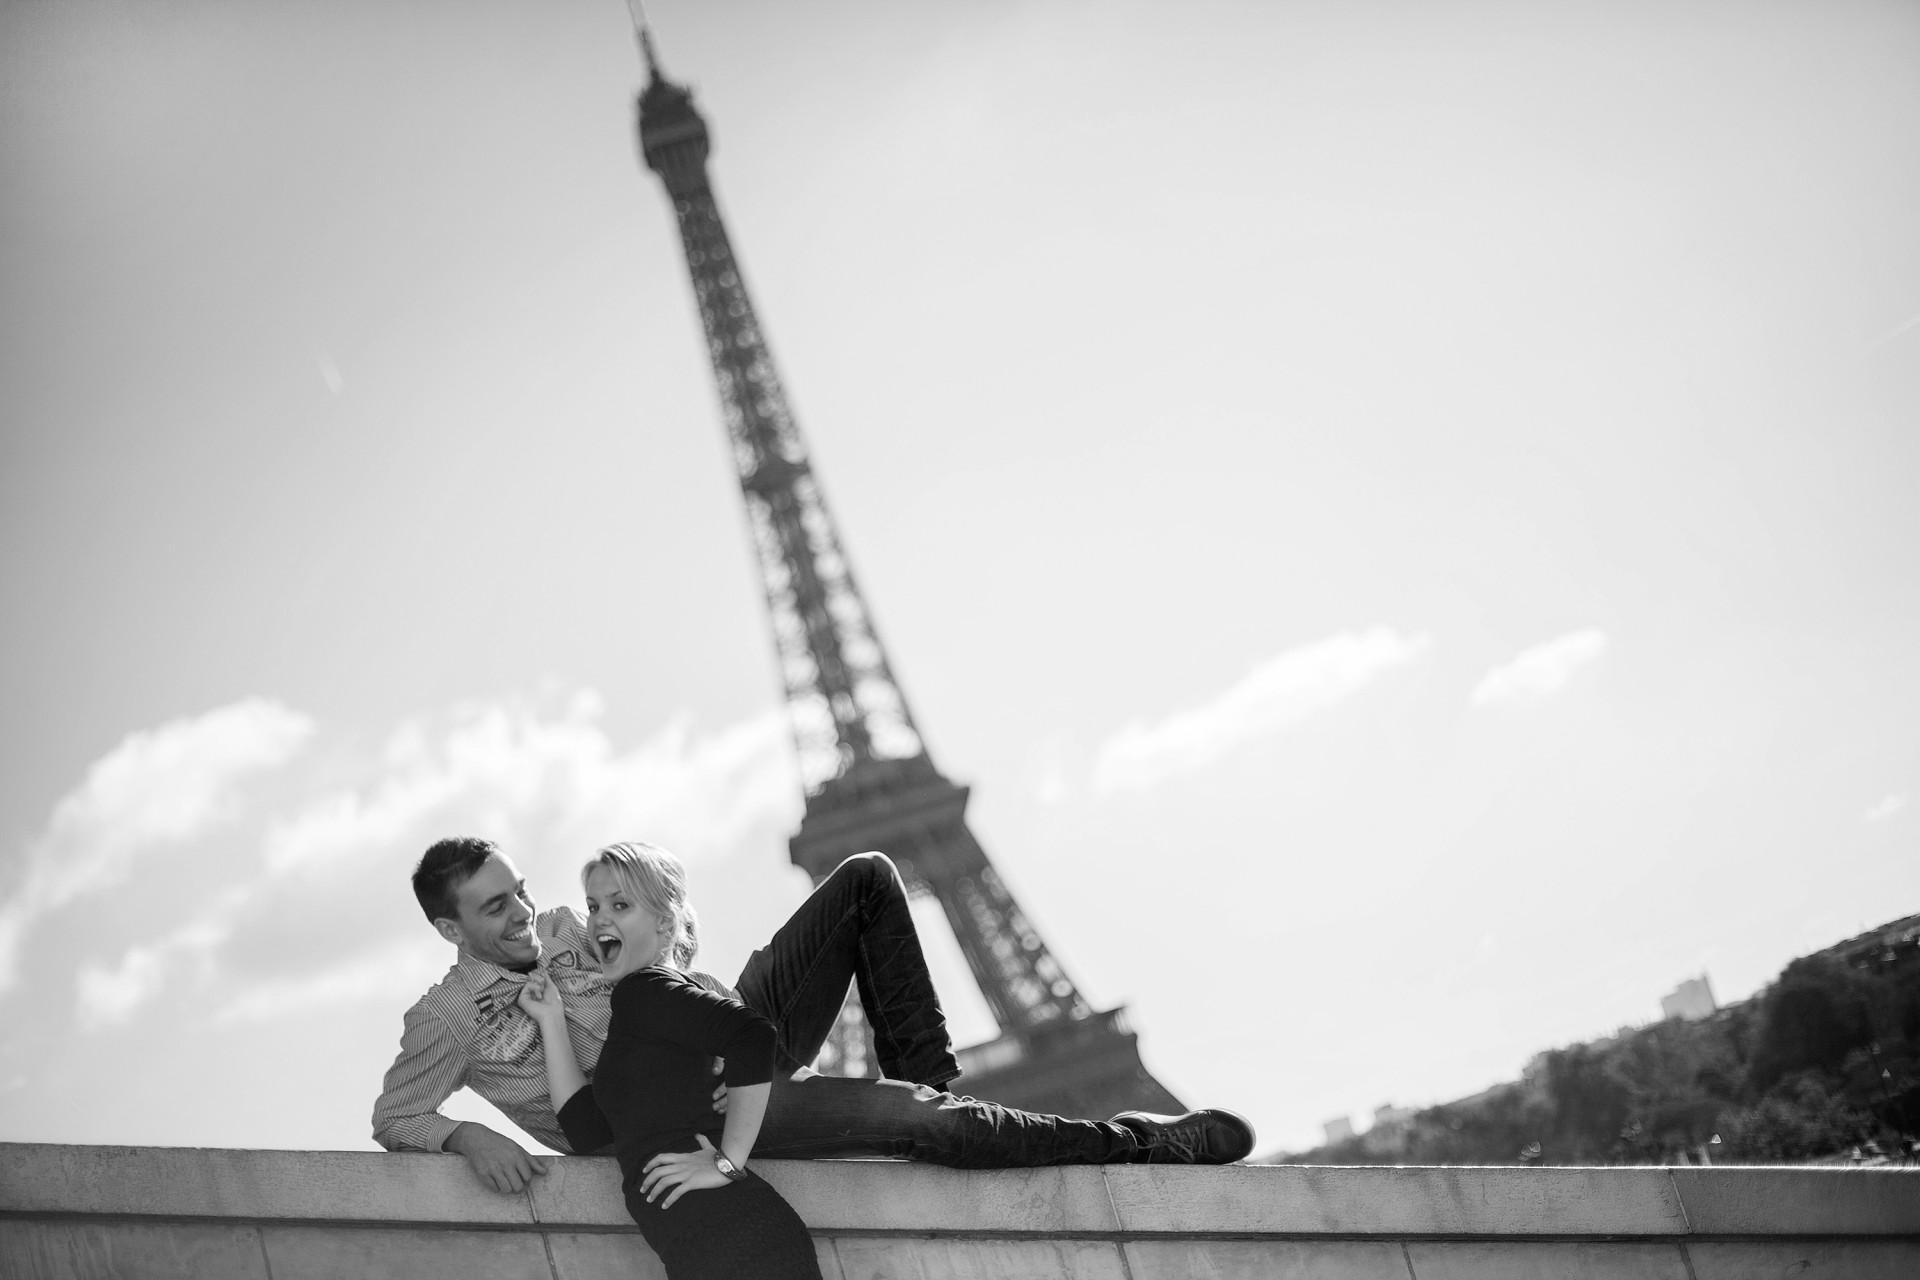 Eiffelturm als tolles Fotomotiv für Paare